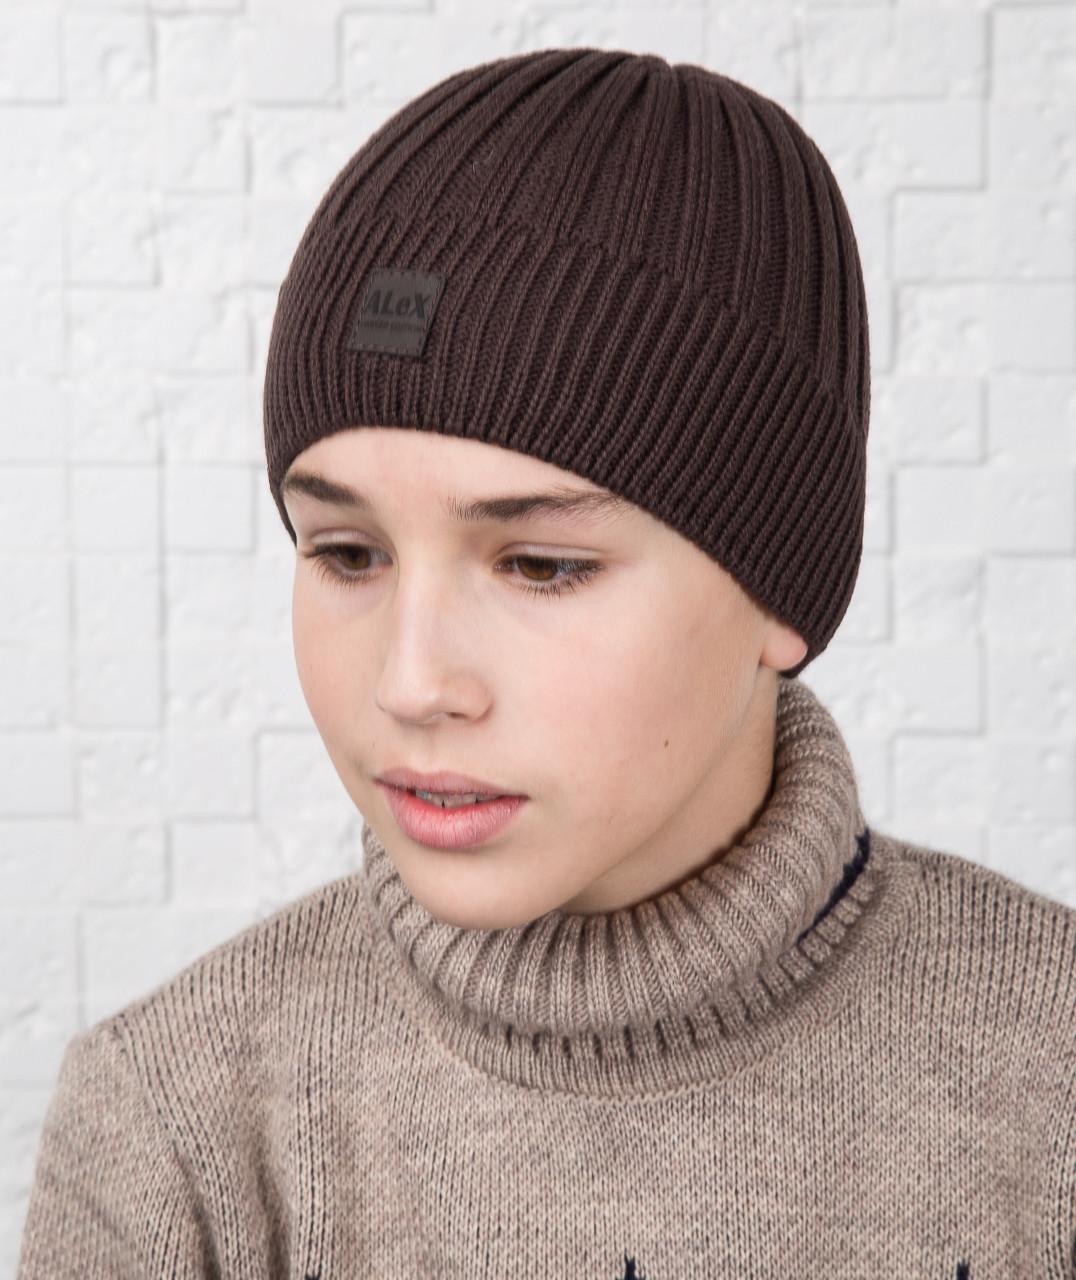 Брендовая зимняя вязаная шапка для мальчика подростка на флисе - Артикул AL17039